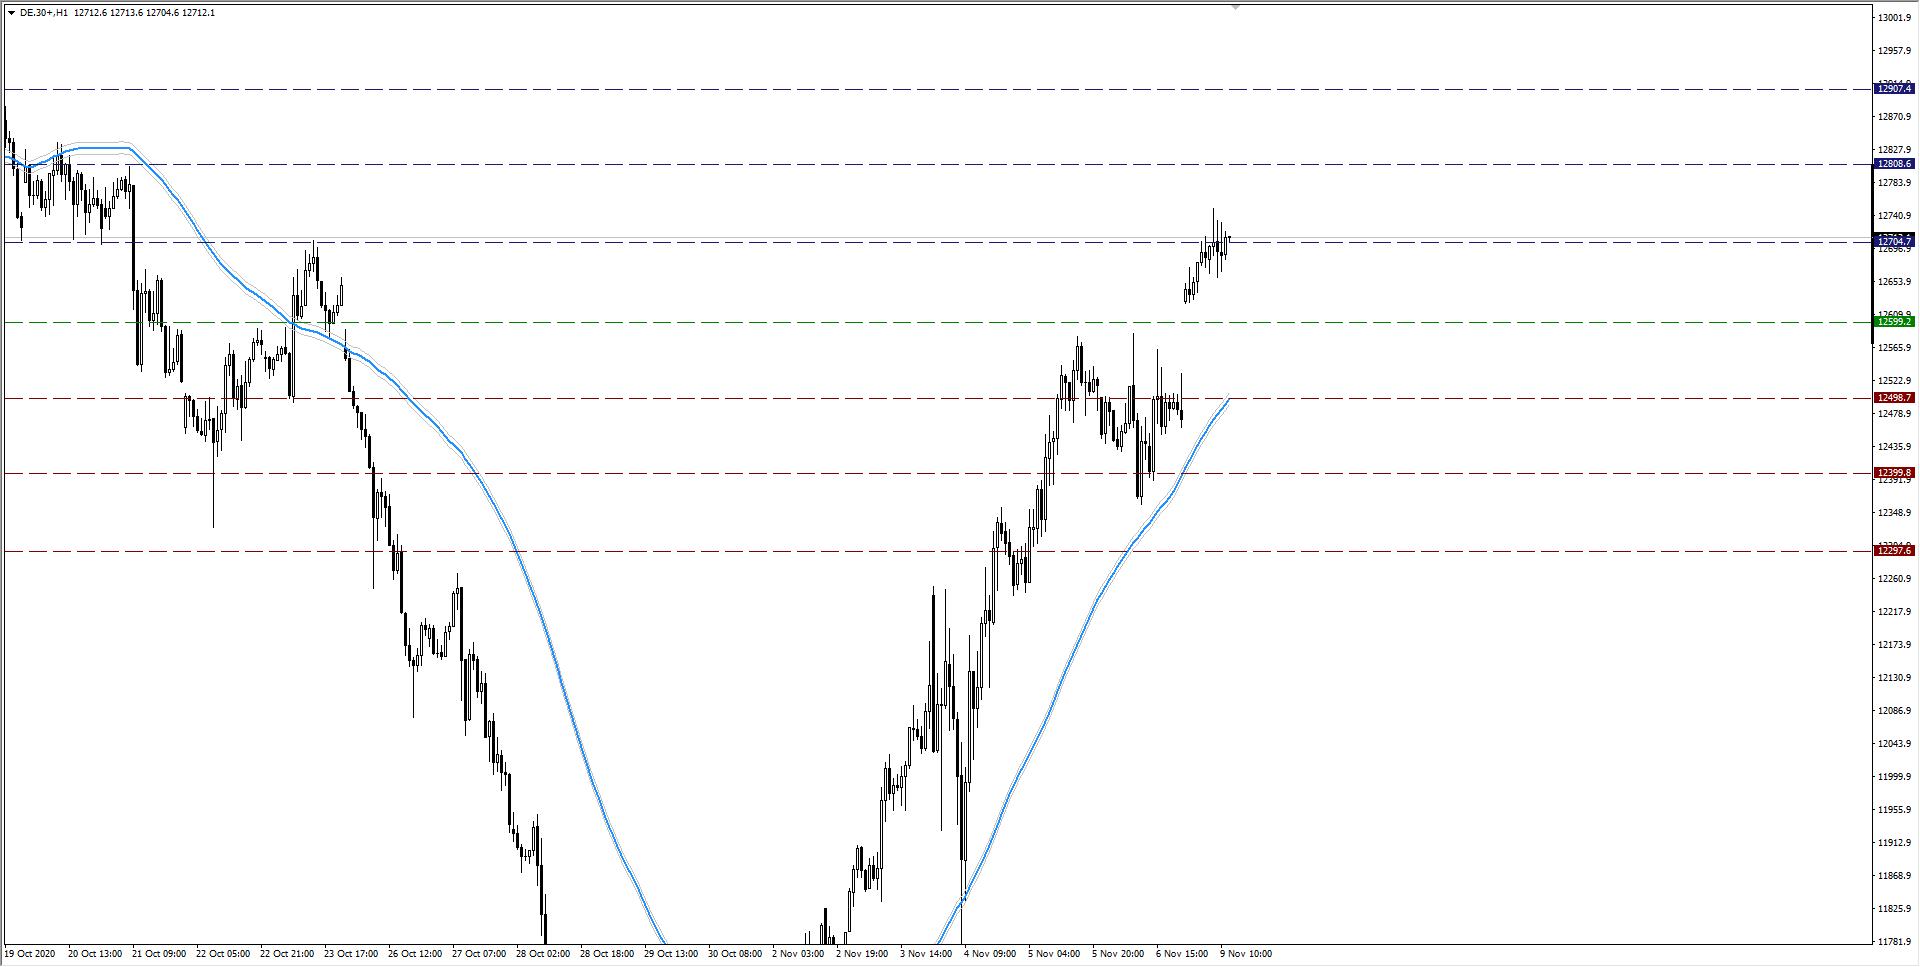 wykres DAX H1 09.11.2020 2